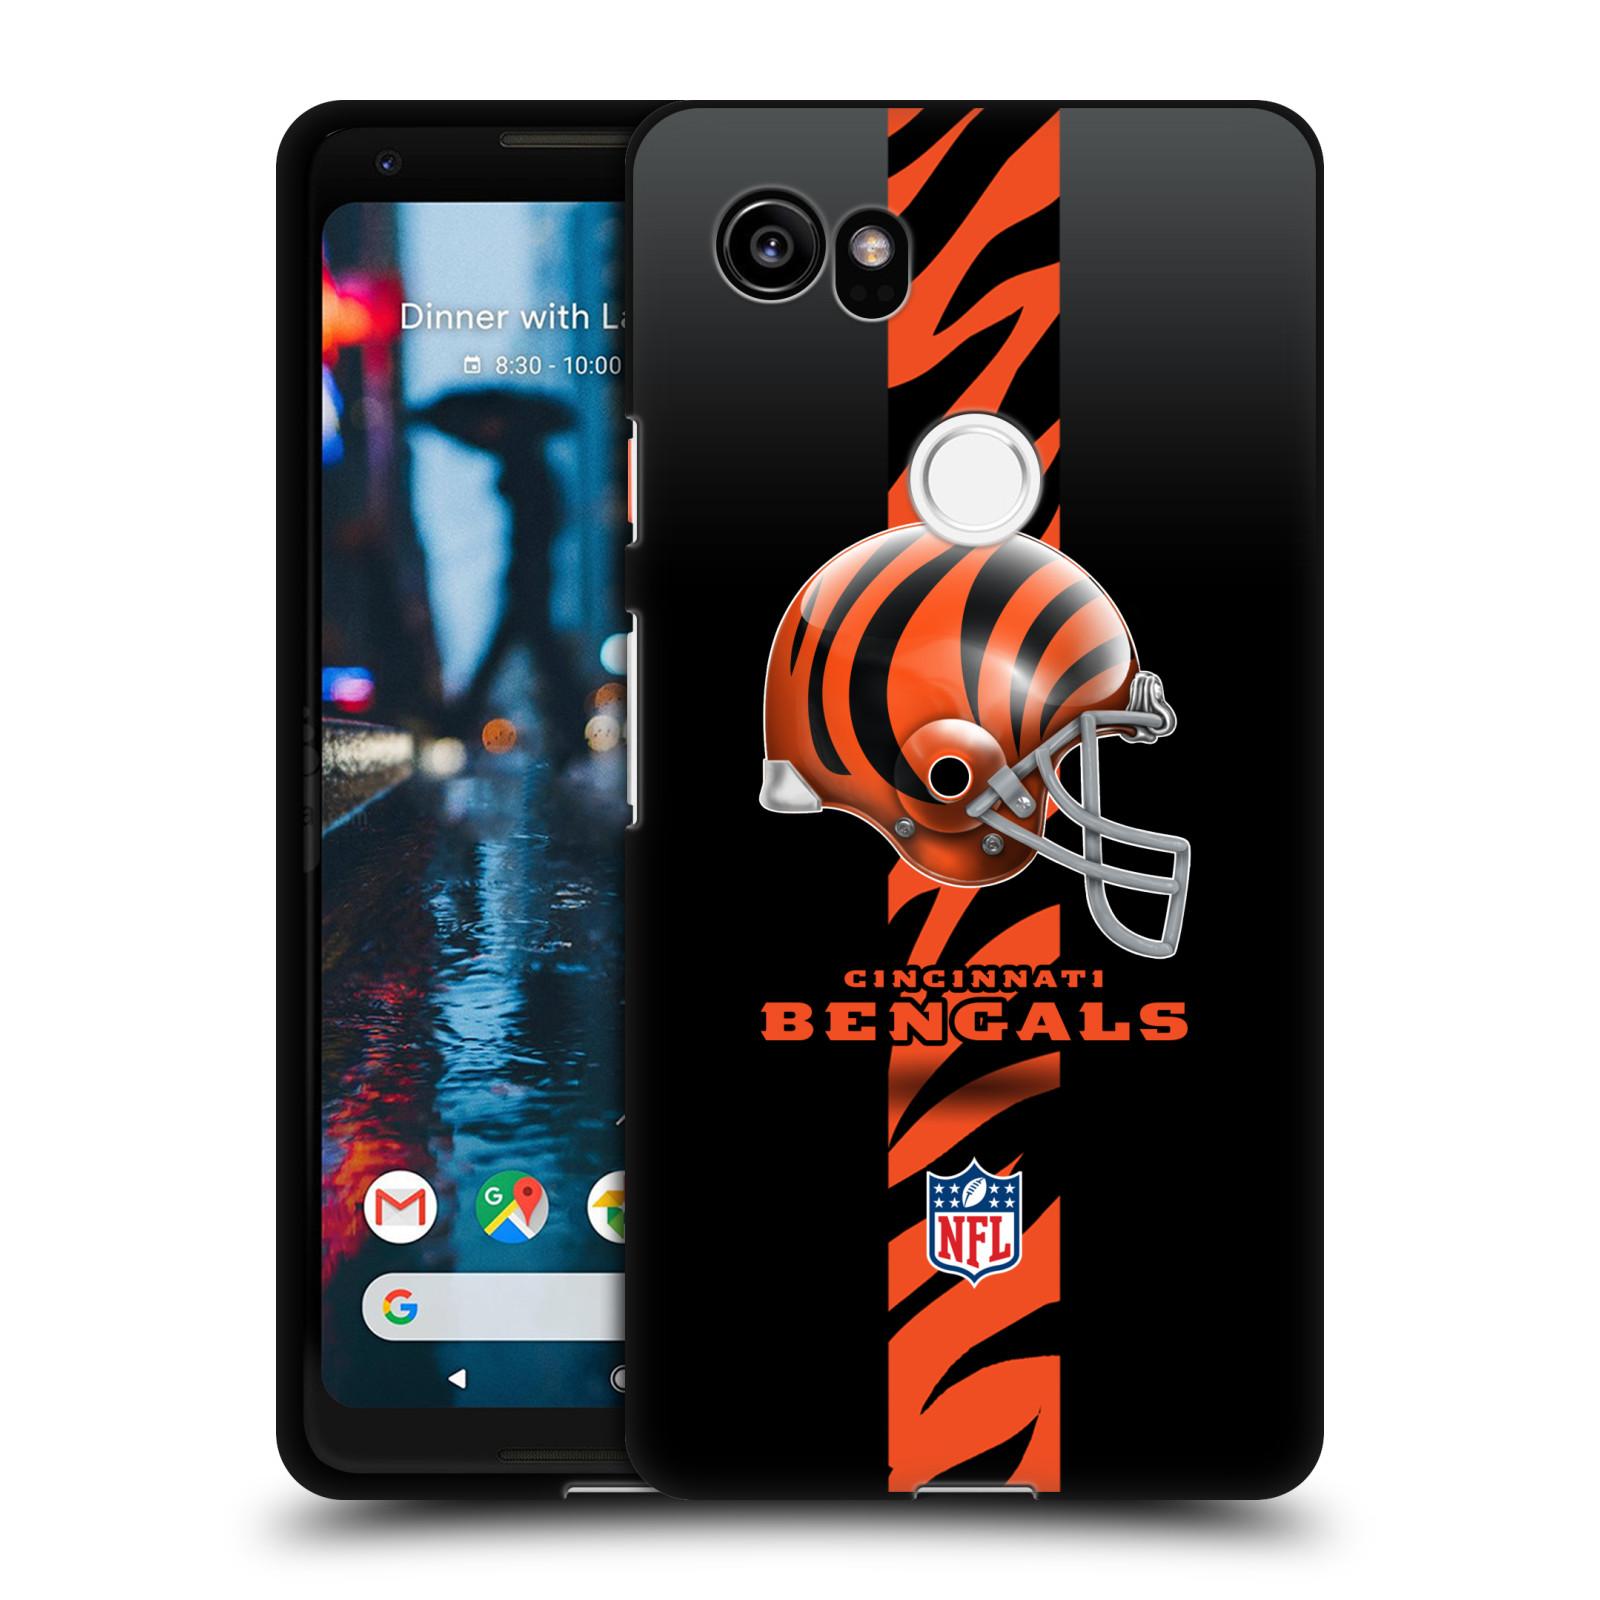 OFFICIAL-NFL-CINCINNATI-BENGALS-LOGO-BLACK-SOFT-GEL-CASE-FOR-GOOGLE-PHONES